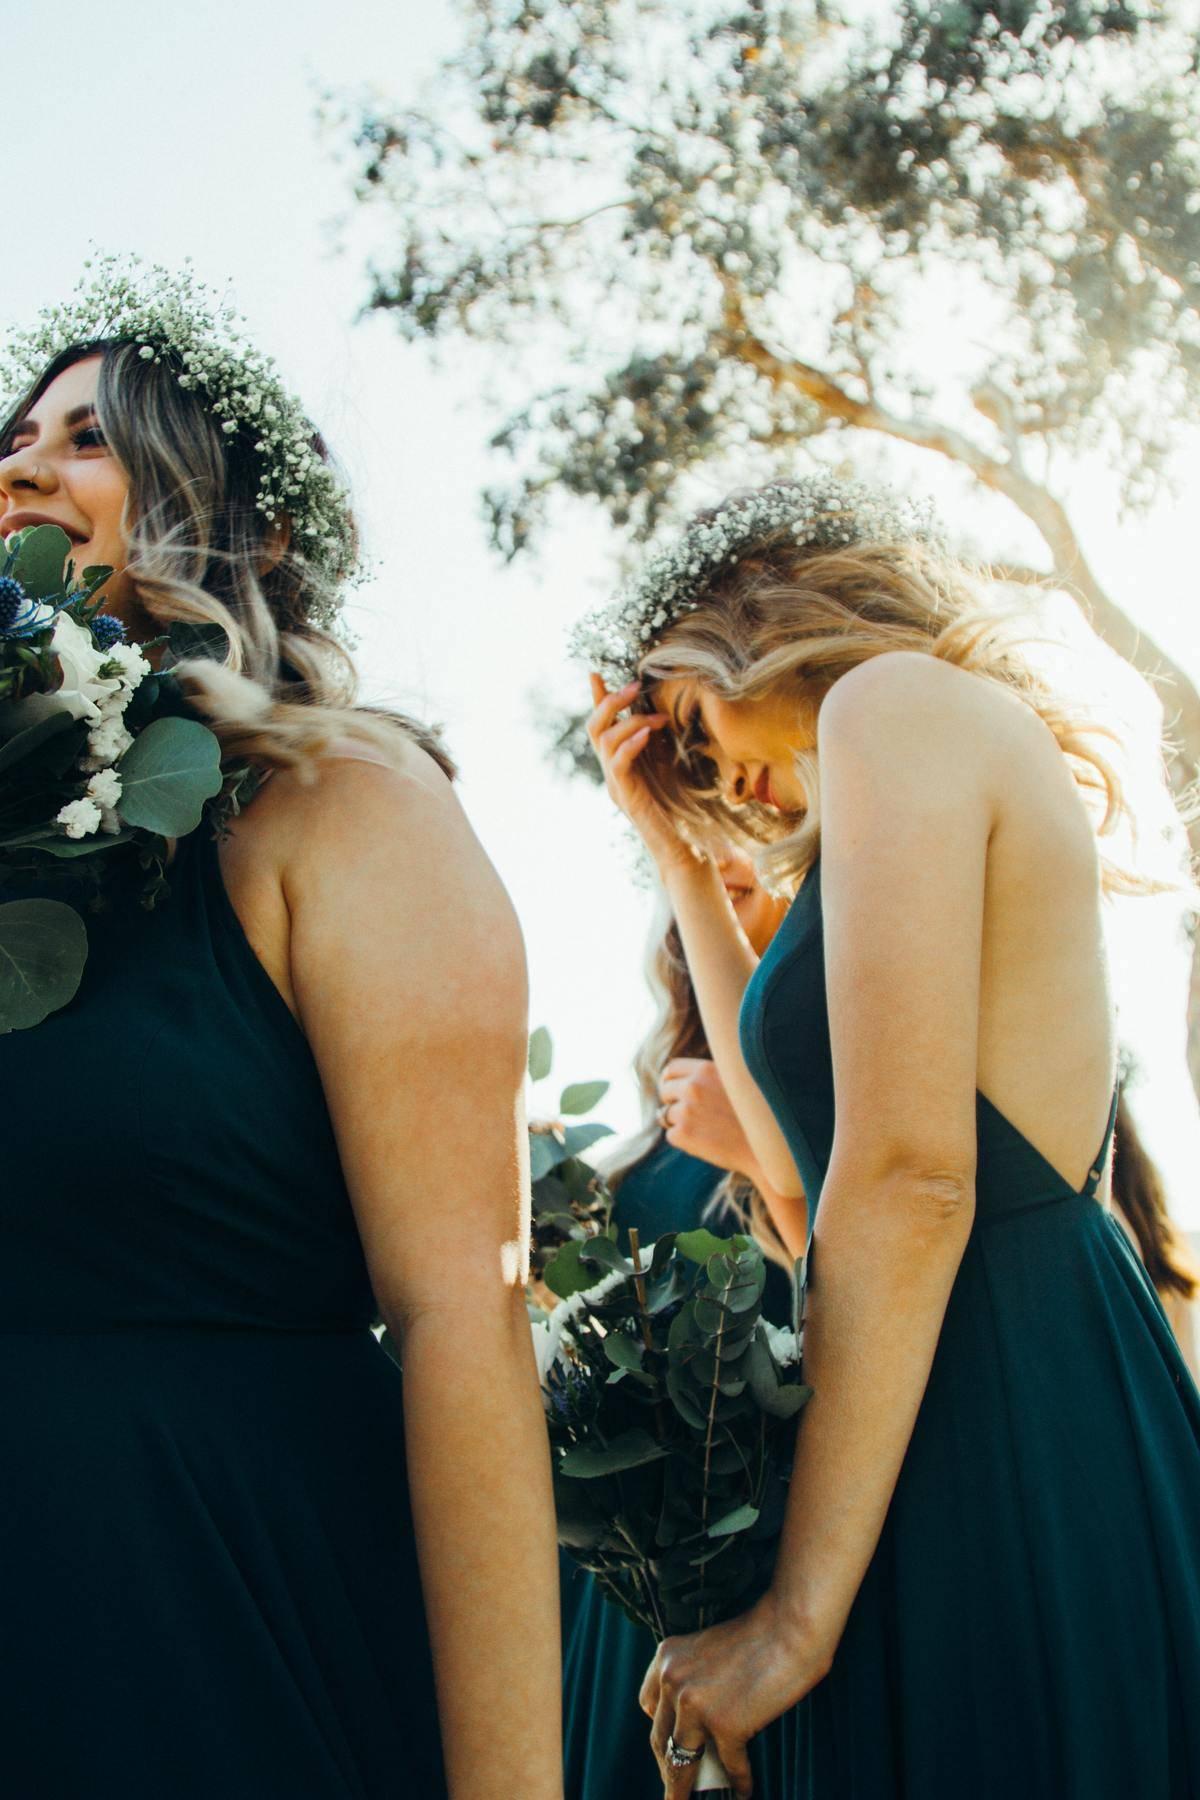 bridesmaid wearing floral crown looking down